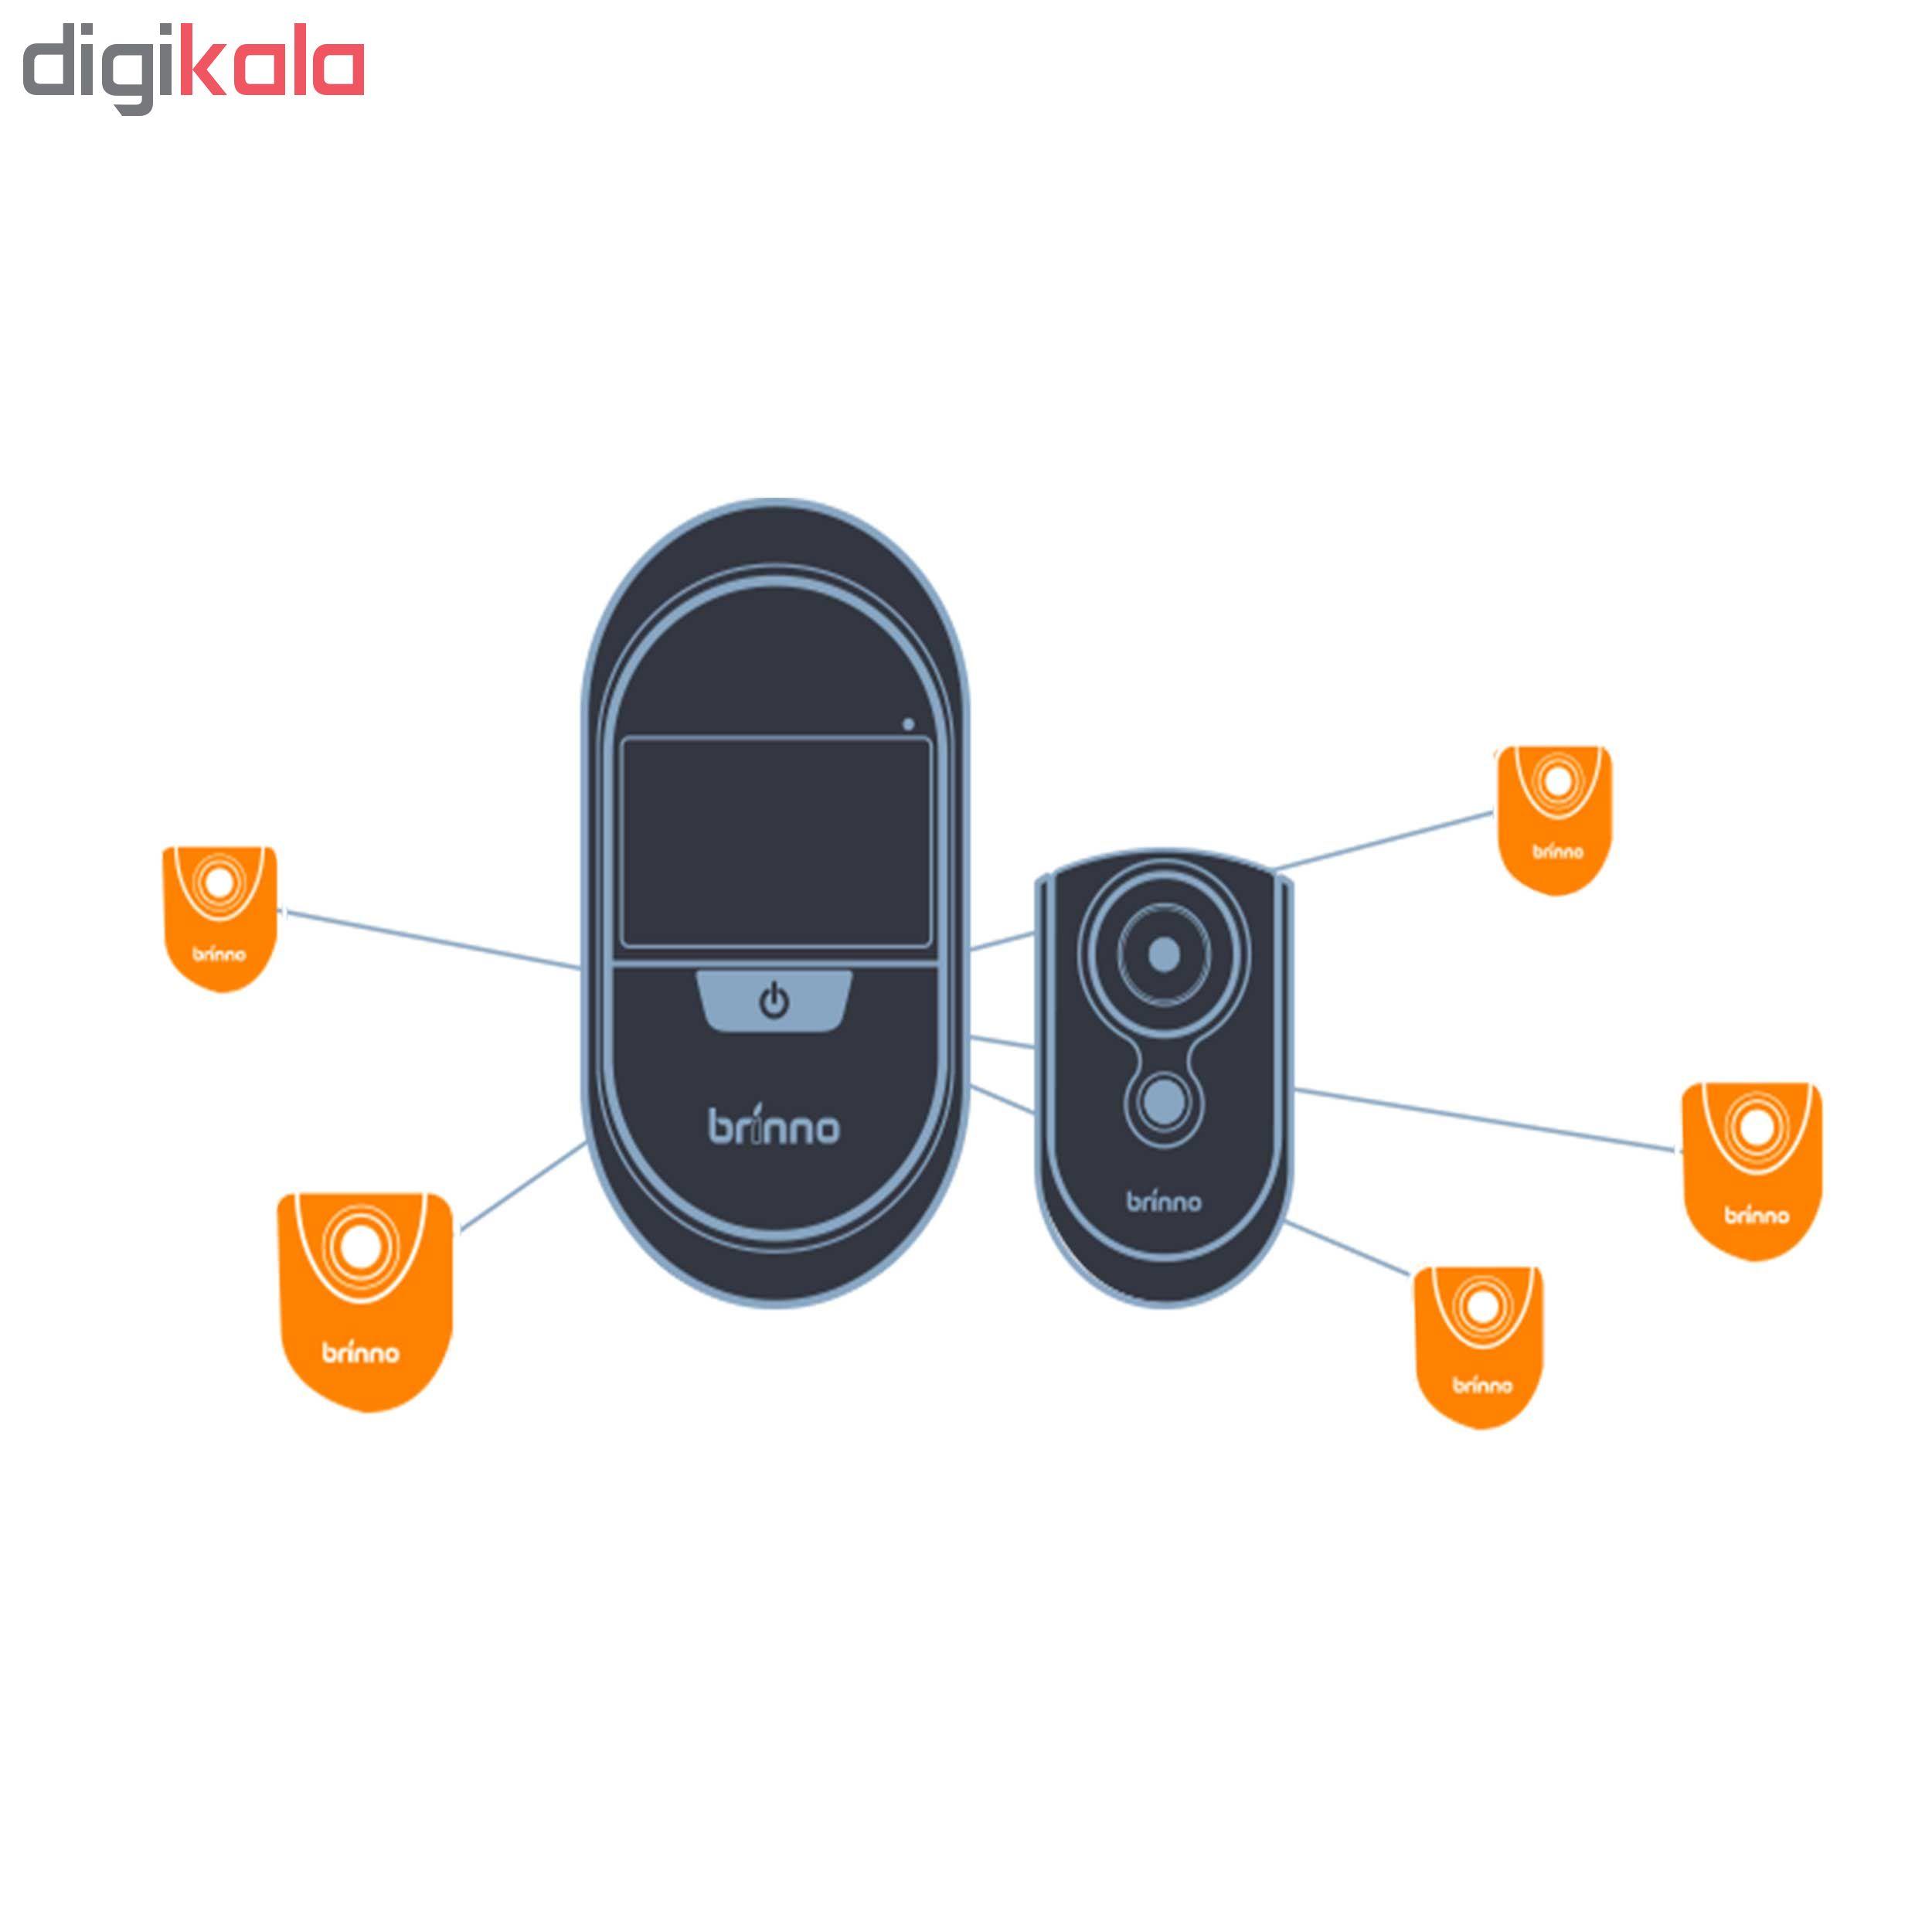 دوربین امنیتی برینو مدلBrinno DUO